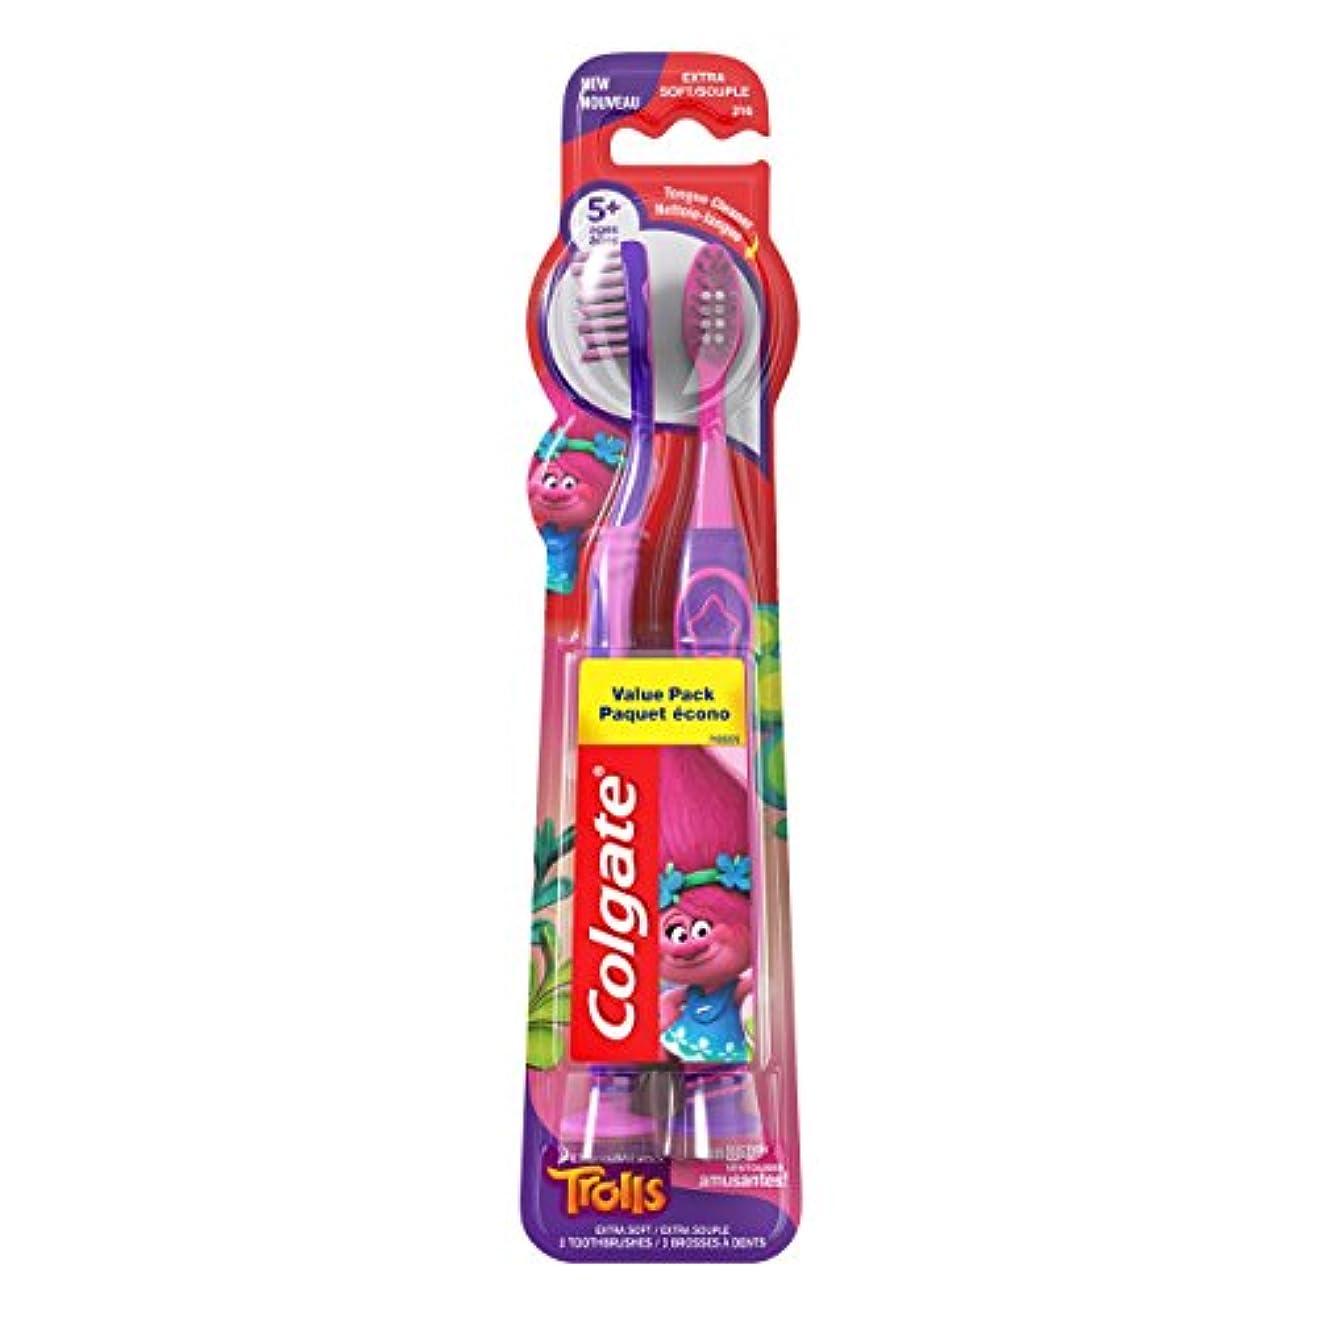 フレアジョットディボンドンマーカーColgate キッズ歯ブラシ、トロルバリューパック、エクストラソフト、2カウント